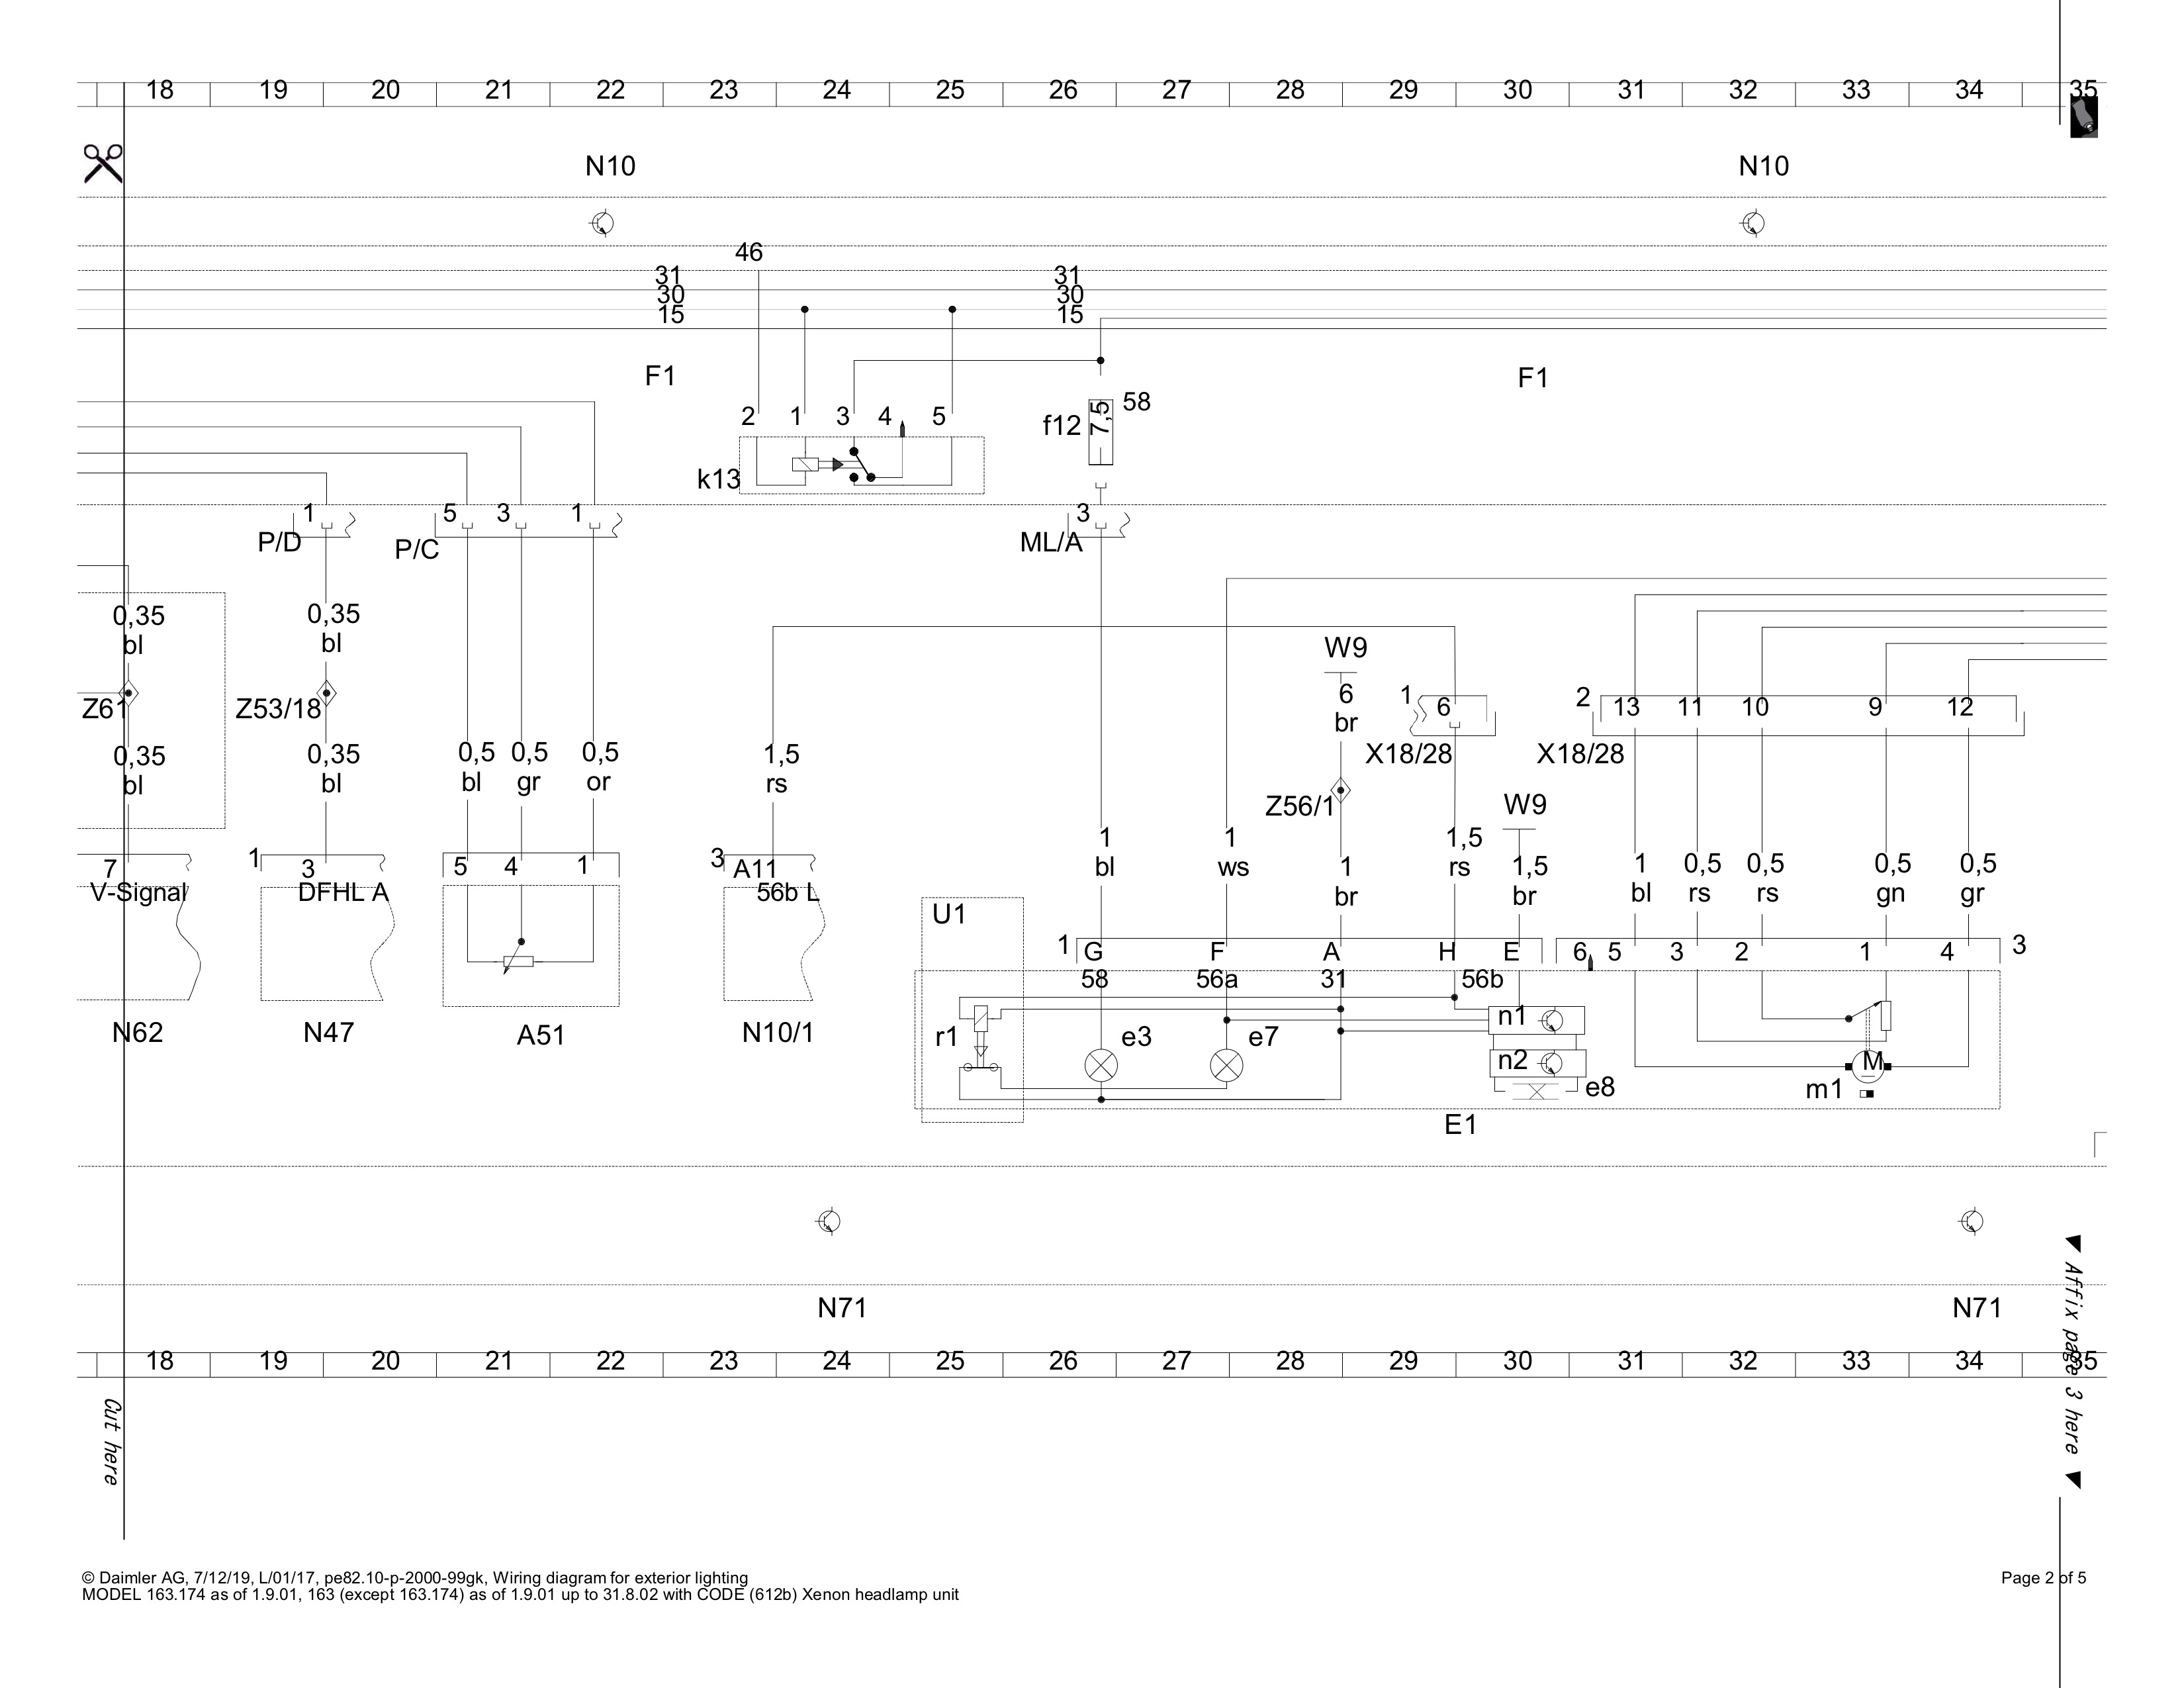 Wiring Diagram Help Request Parktronic Xenon Mercedes Benz Forum